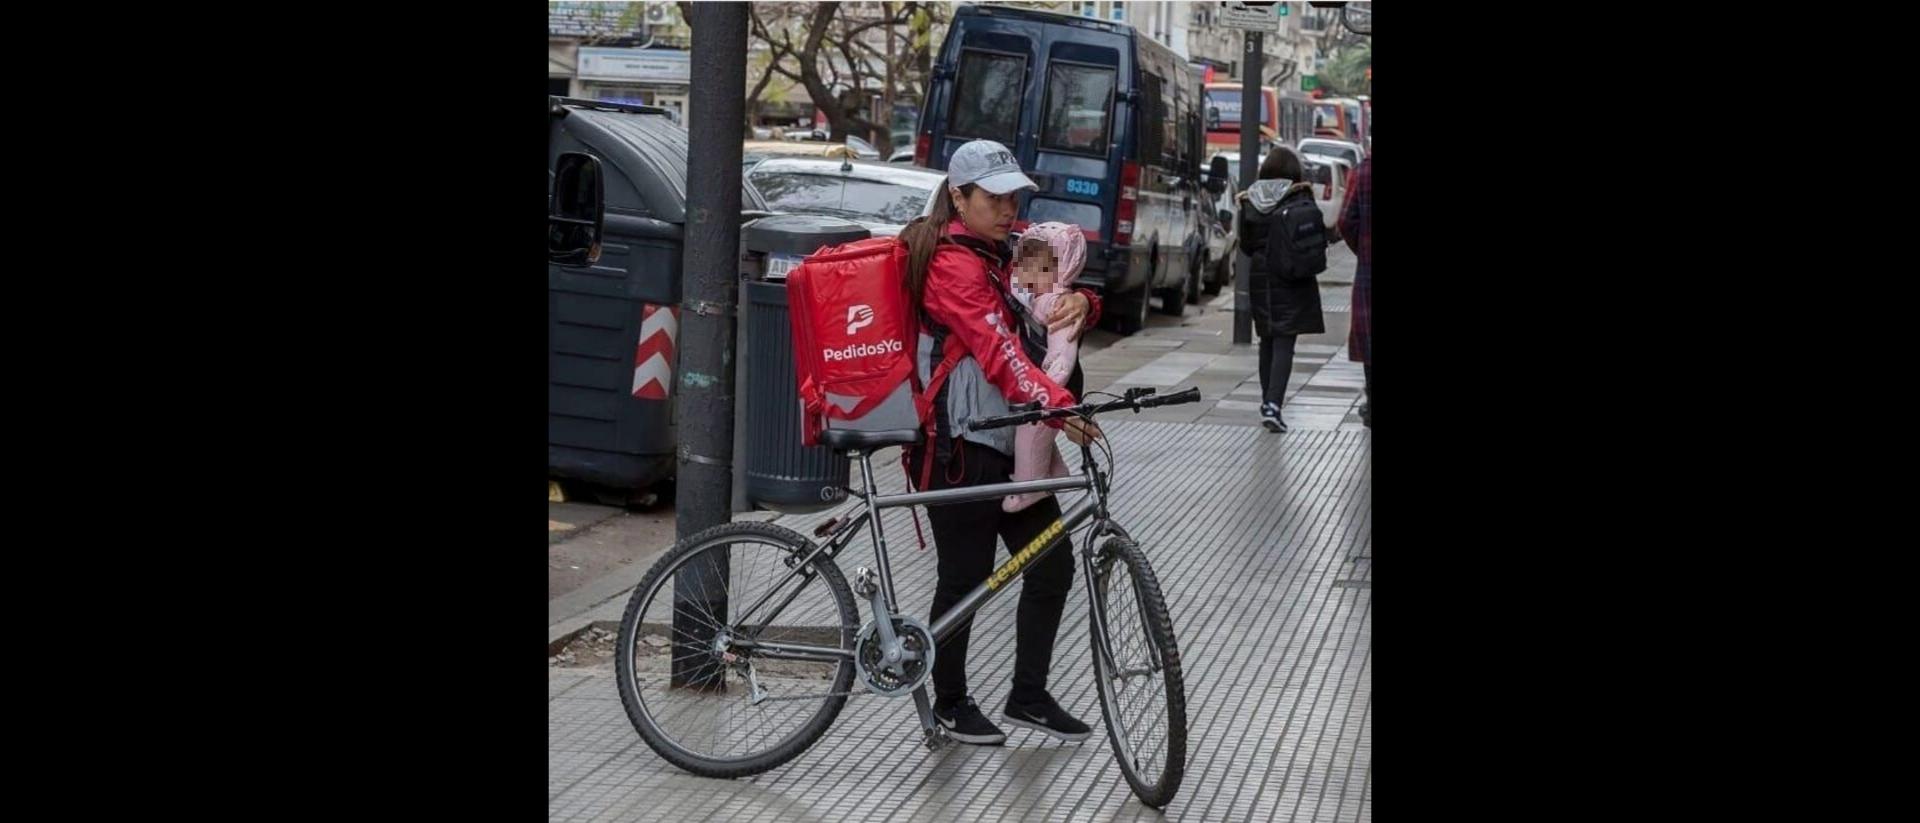 La historia detrás de la foto viral sobre la mamá repartidora de PedidosYa